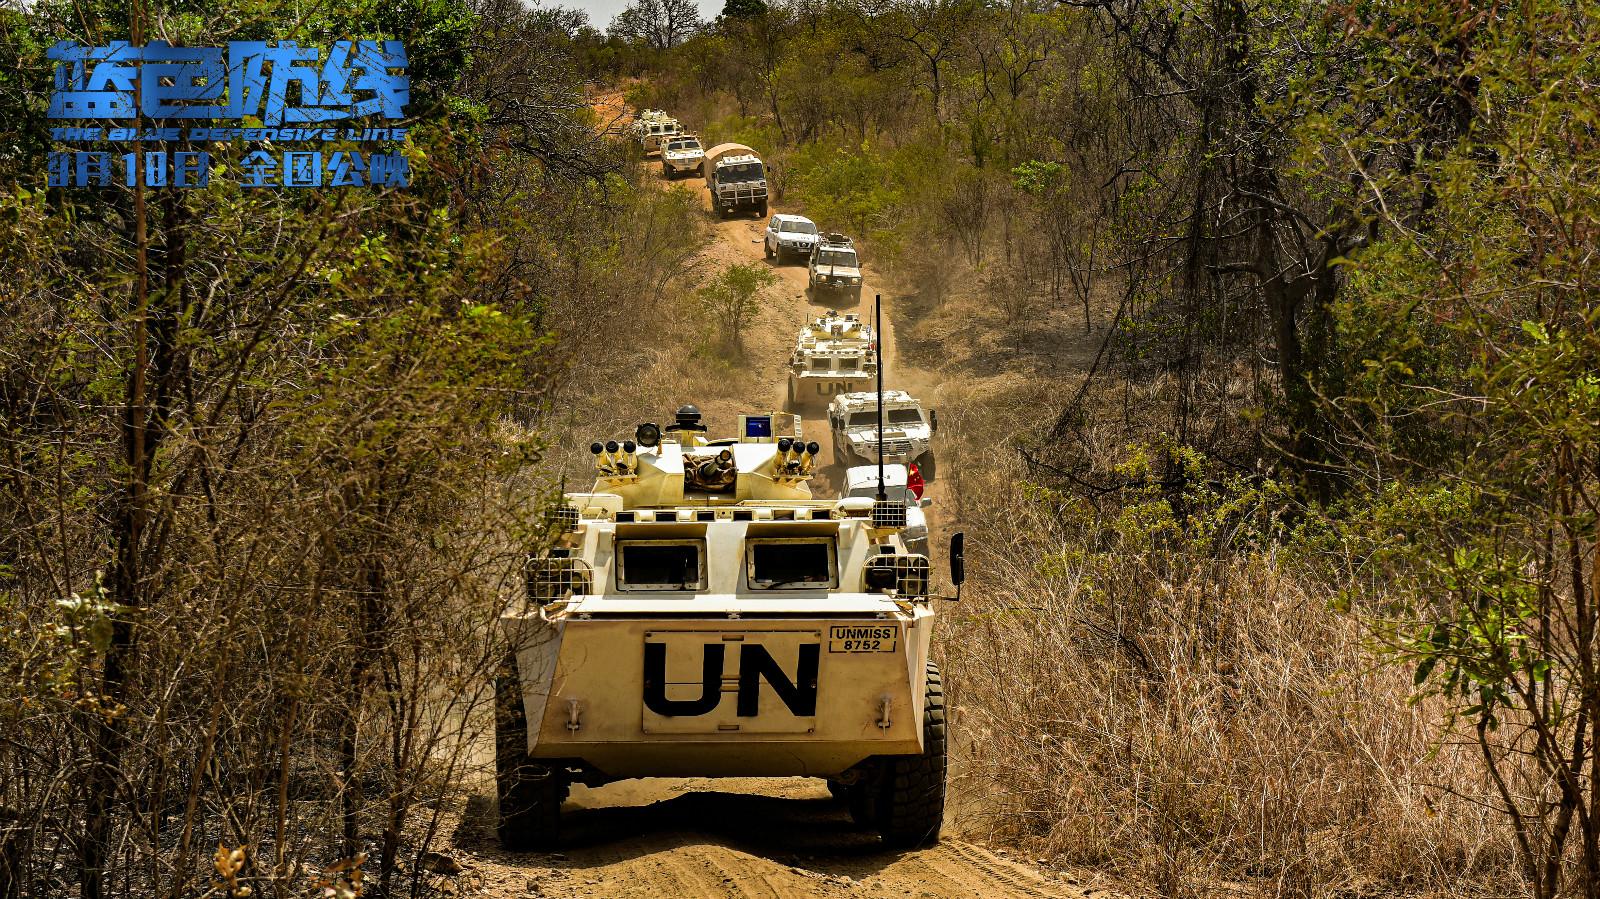 《蓝色防线》剧照,我国维和士兵正在执行任务